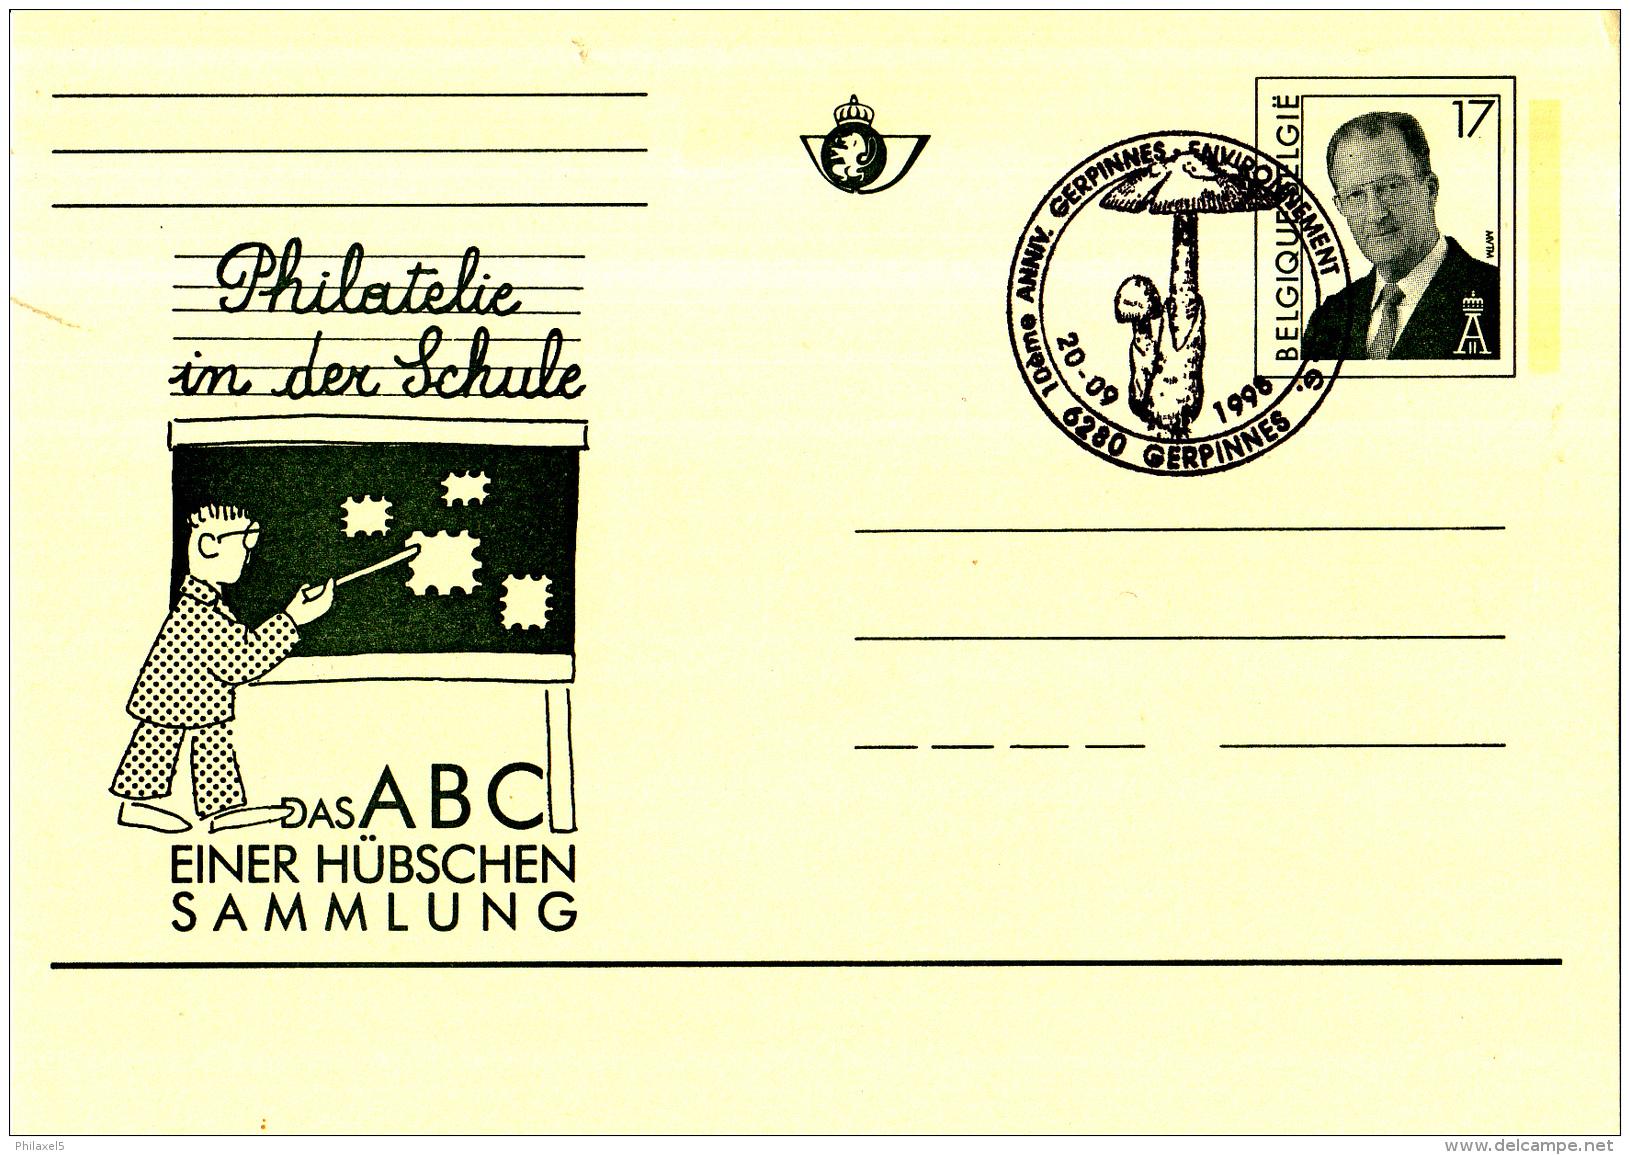 België - 20-09-1998 - 10ème Anniversaire Gerpinnes - Environnement -Paddenstoel/ Mushroom/champignon/Pilz - Champignons